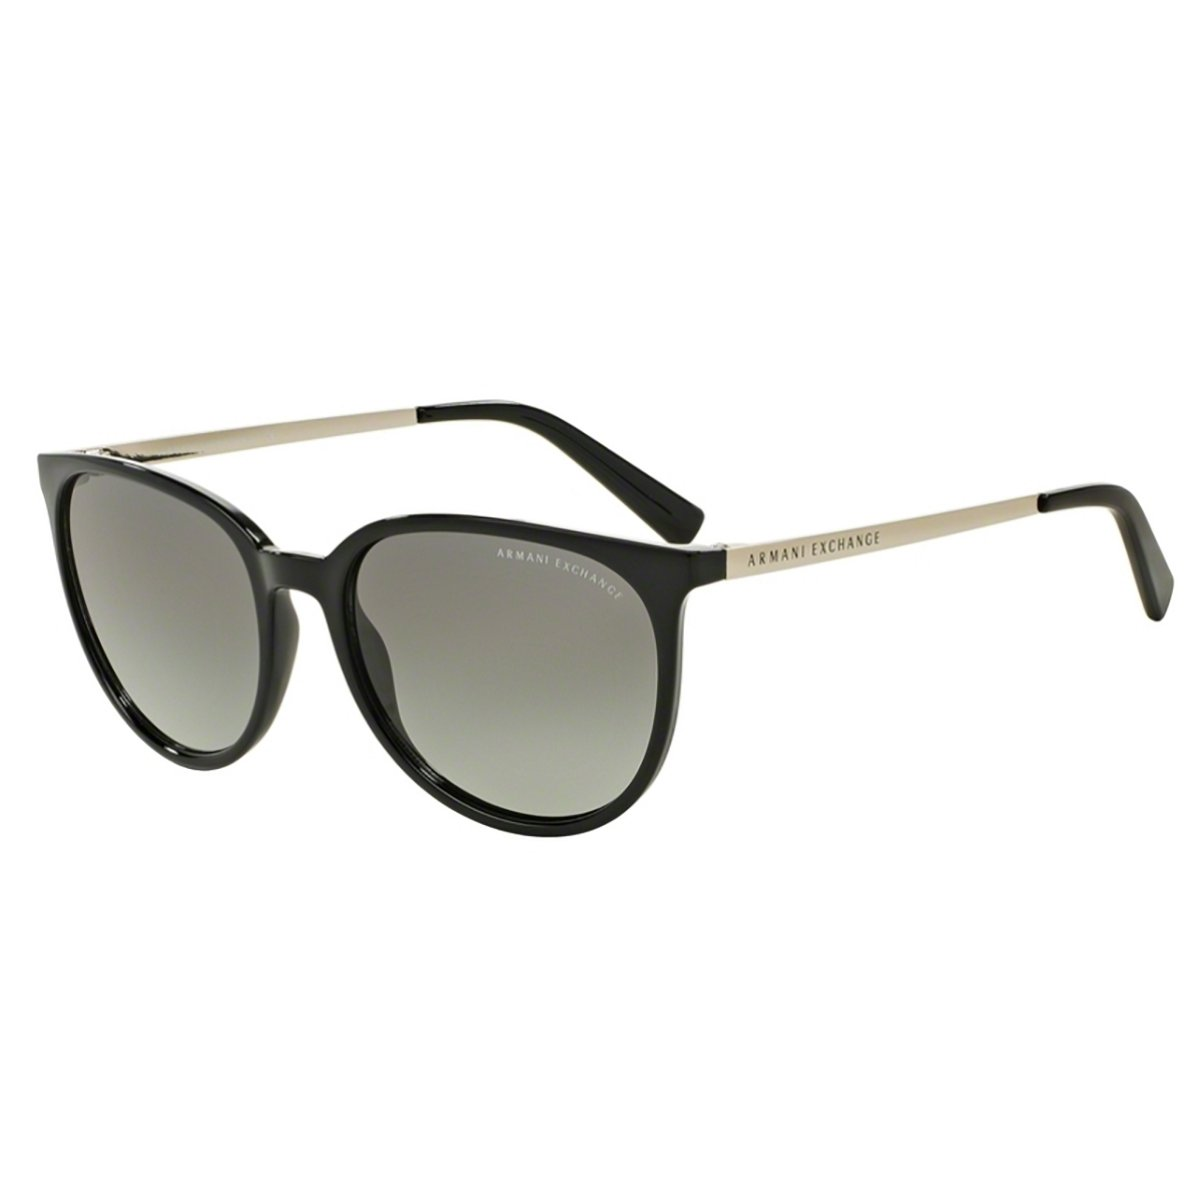 38c35c68e Compre Óculos de Sol Armani Exchange em 10X | Tri-Jóia Shop